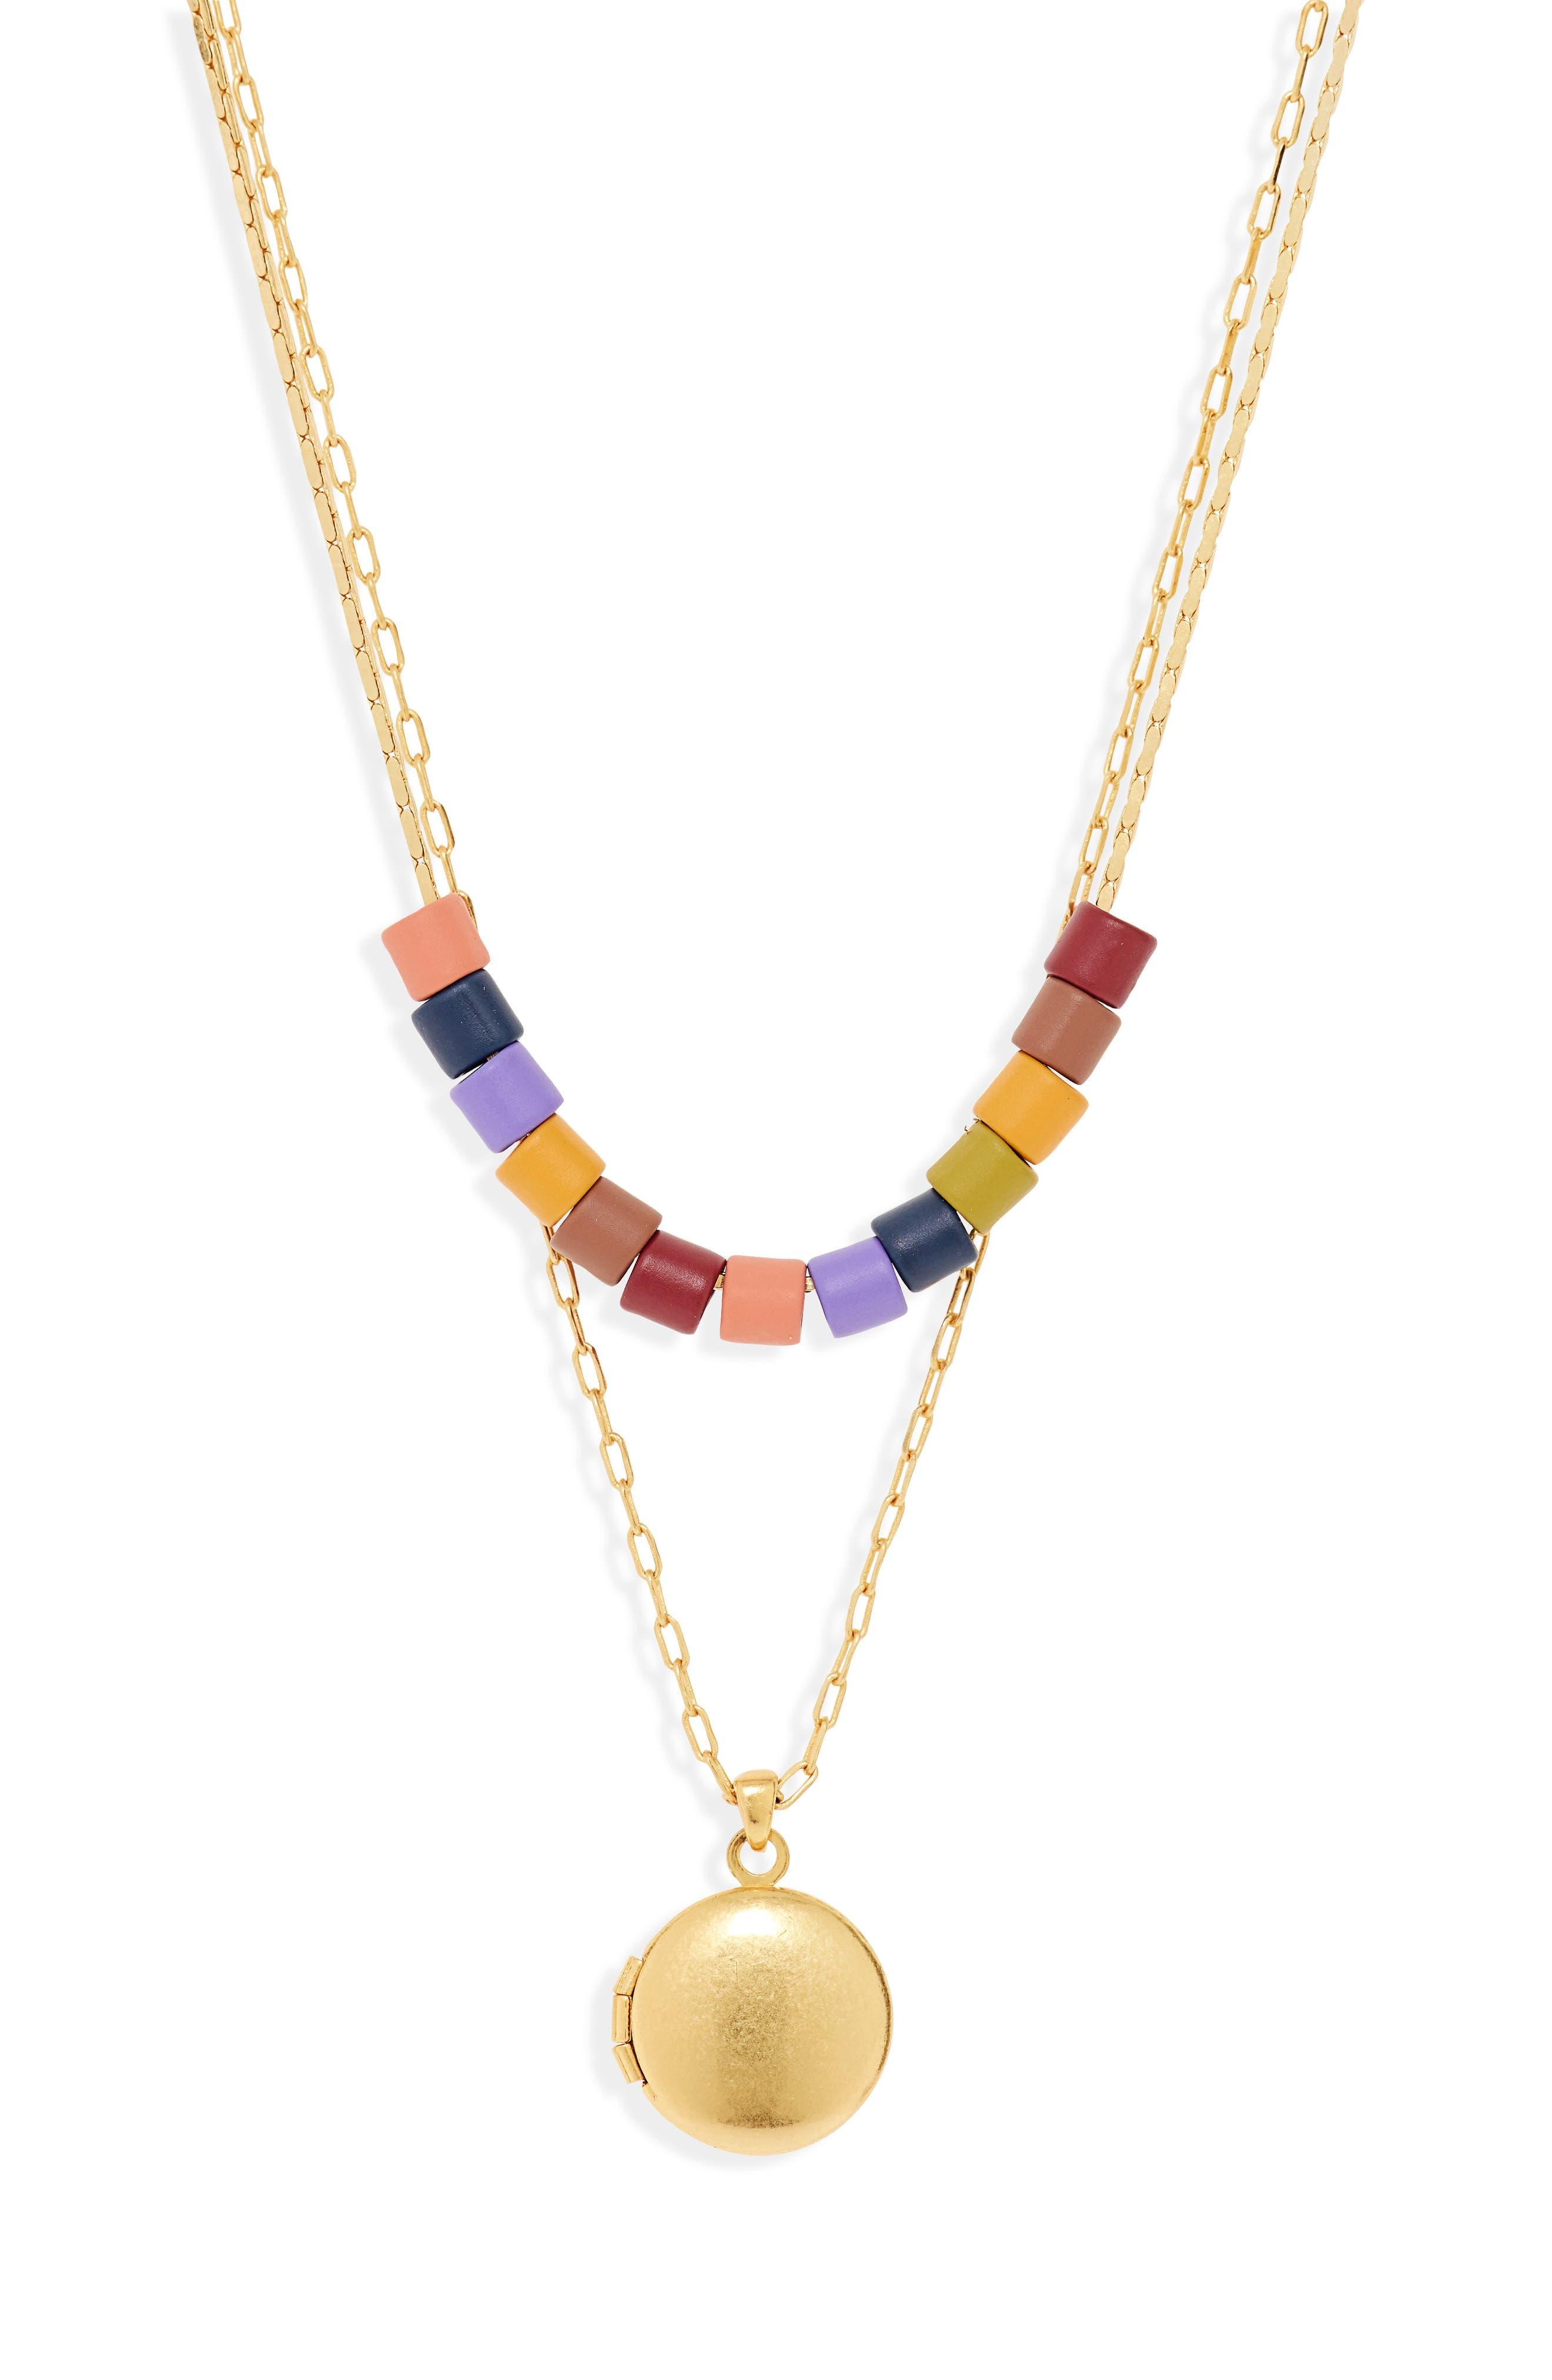 MADEWELL Set of 2 Rainbow Beaded Locket Necklaces, Main, color, RAINBOW MULTI